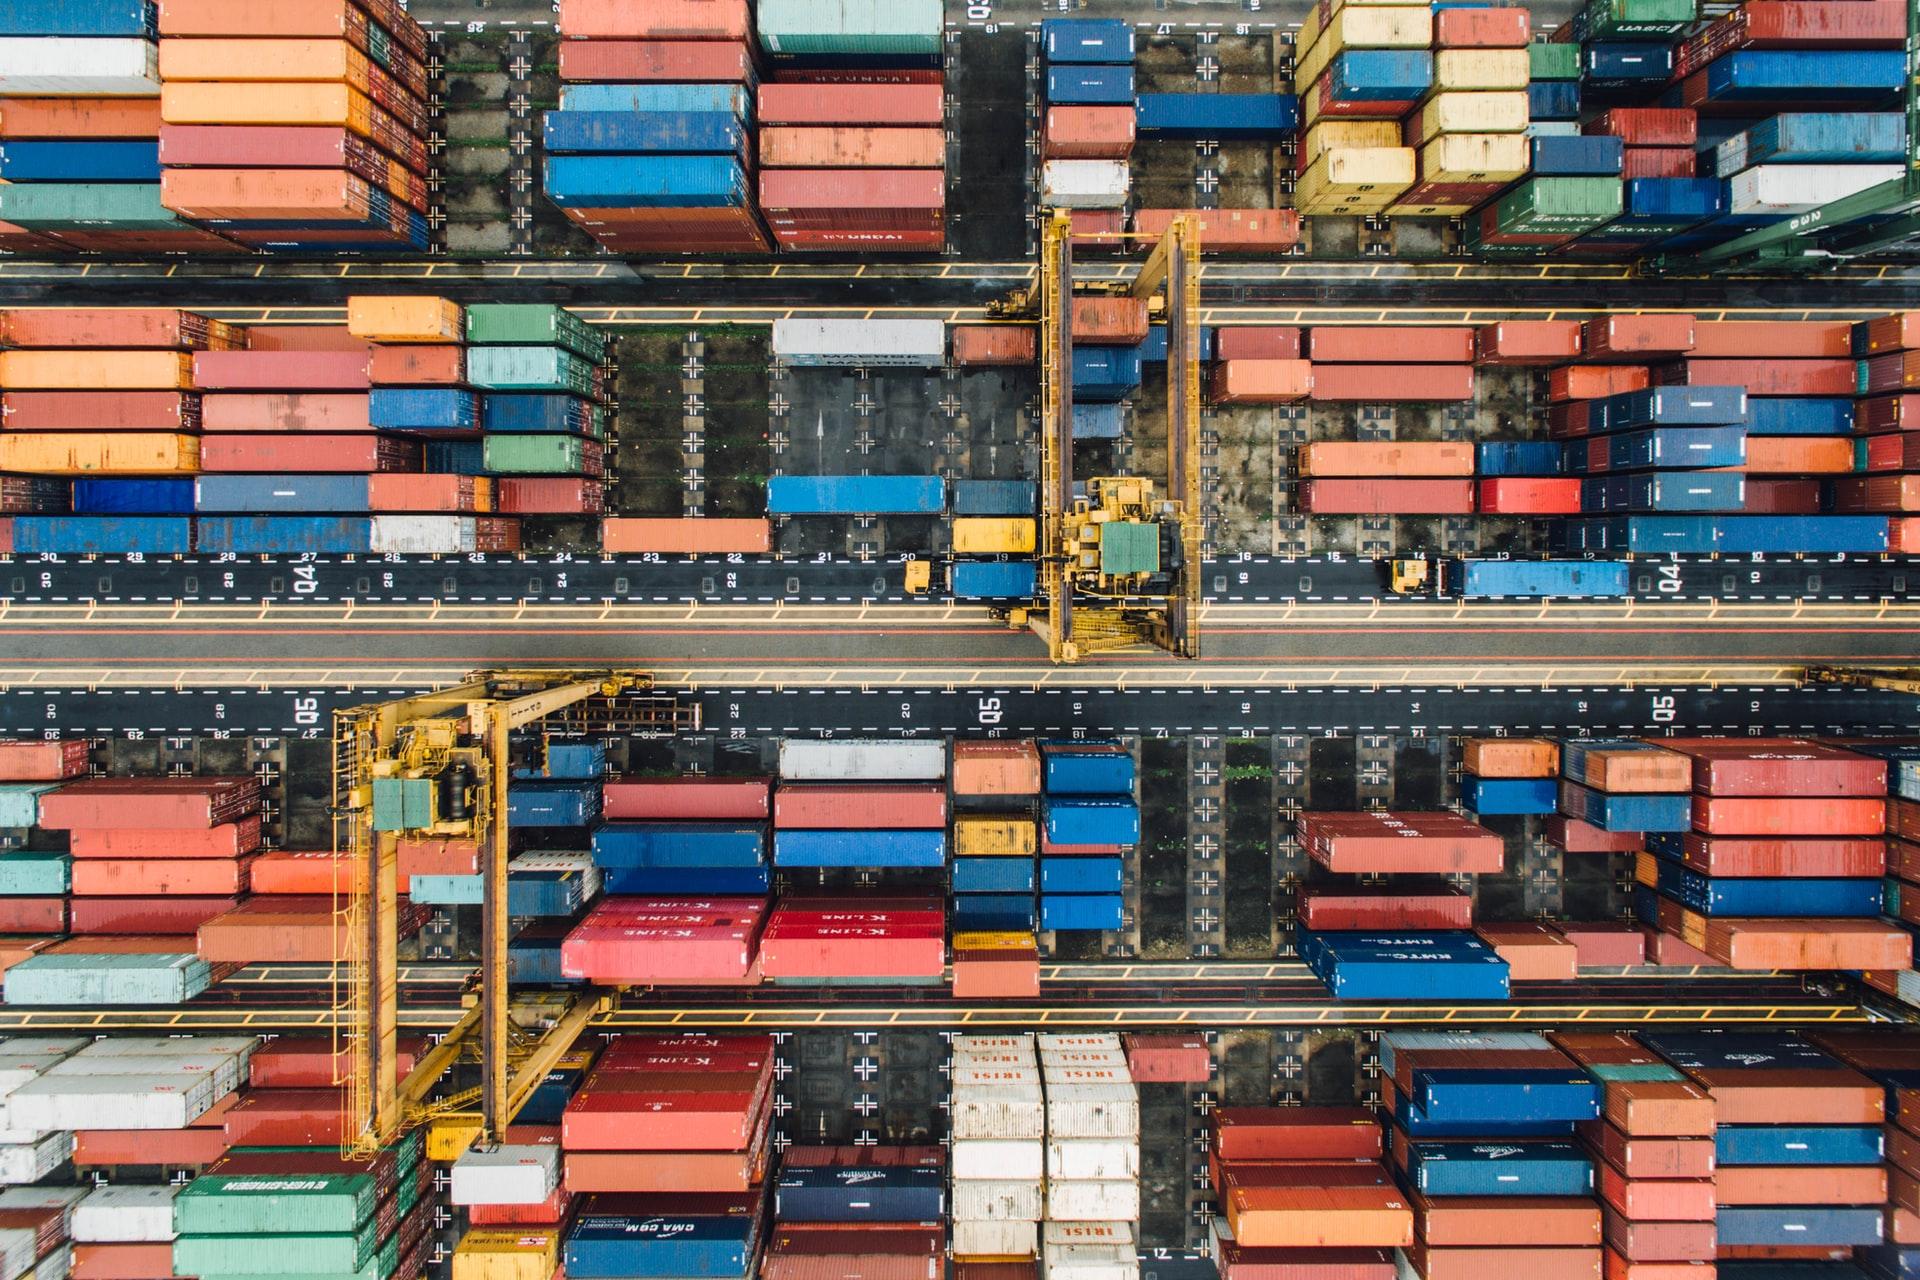 Аналітика Big Data підвищує масштабованість логістичних послуг